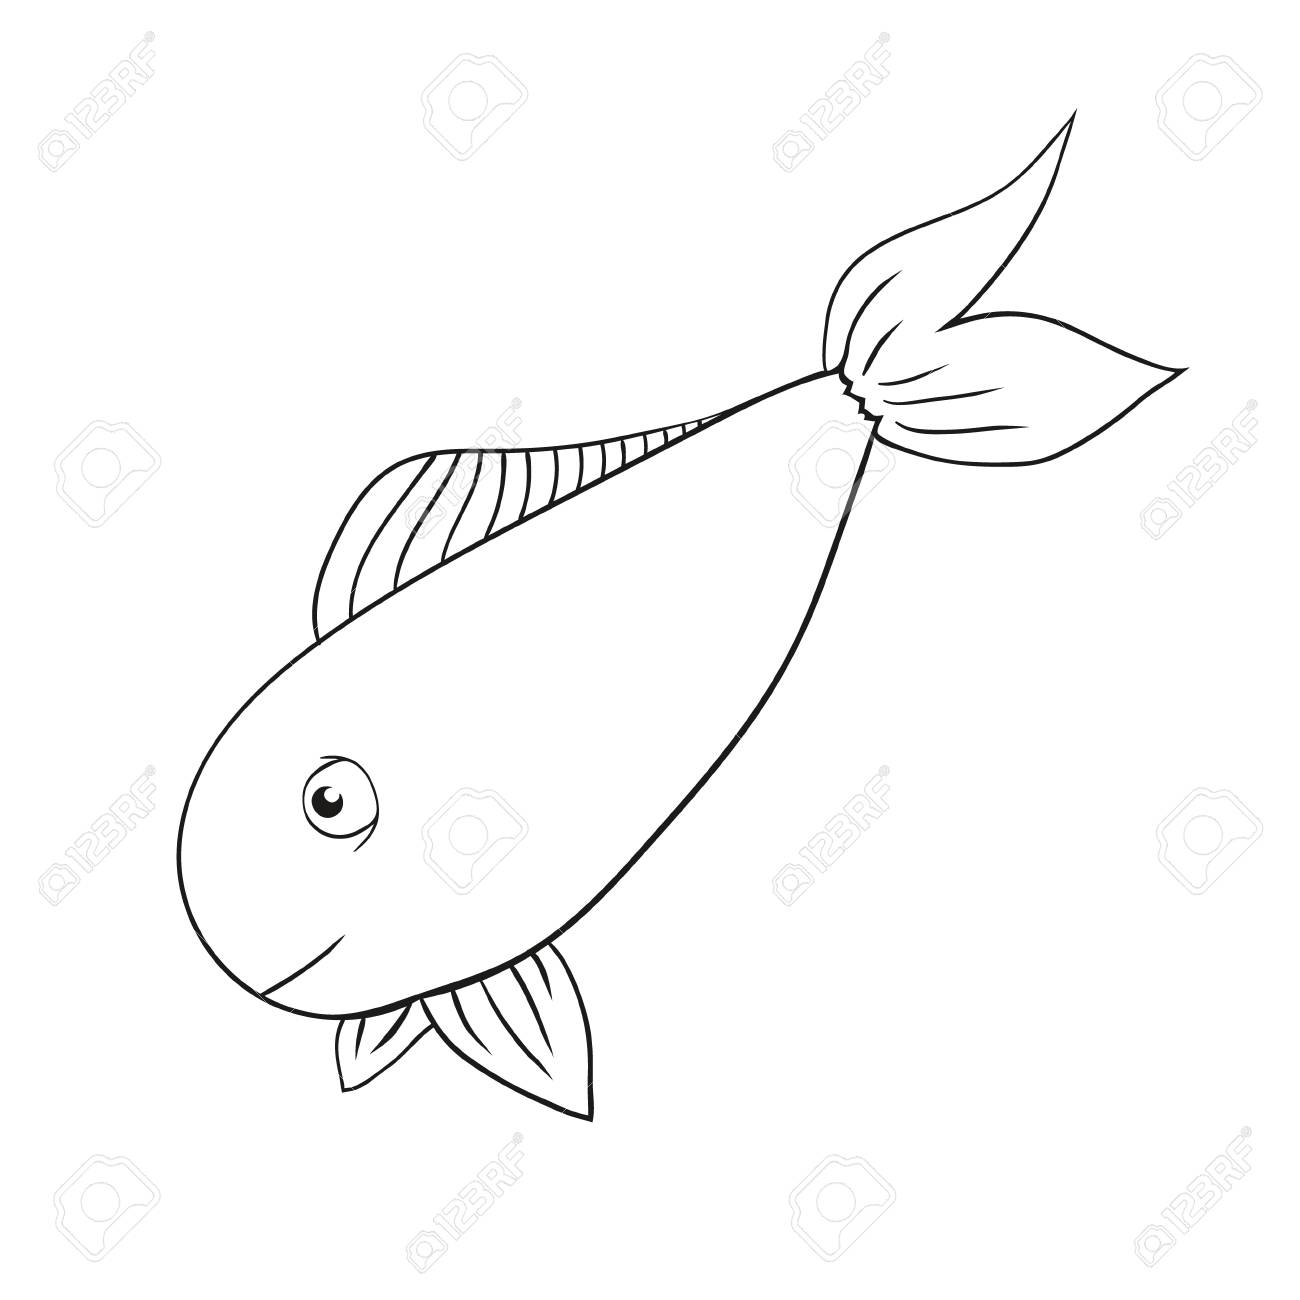 - Vector Hand Drawn Fish - Salmon, Trout, Carp, Tuna. Fish Drawing